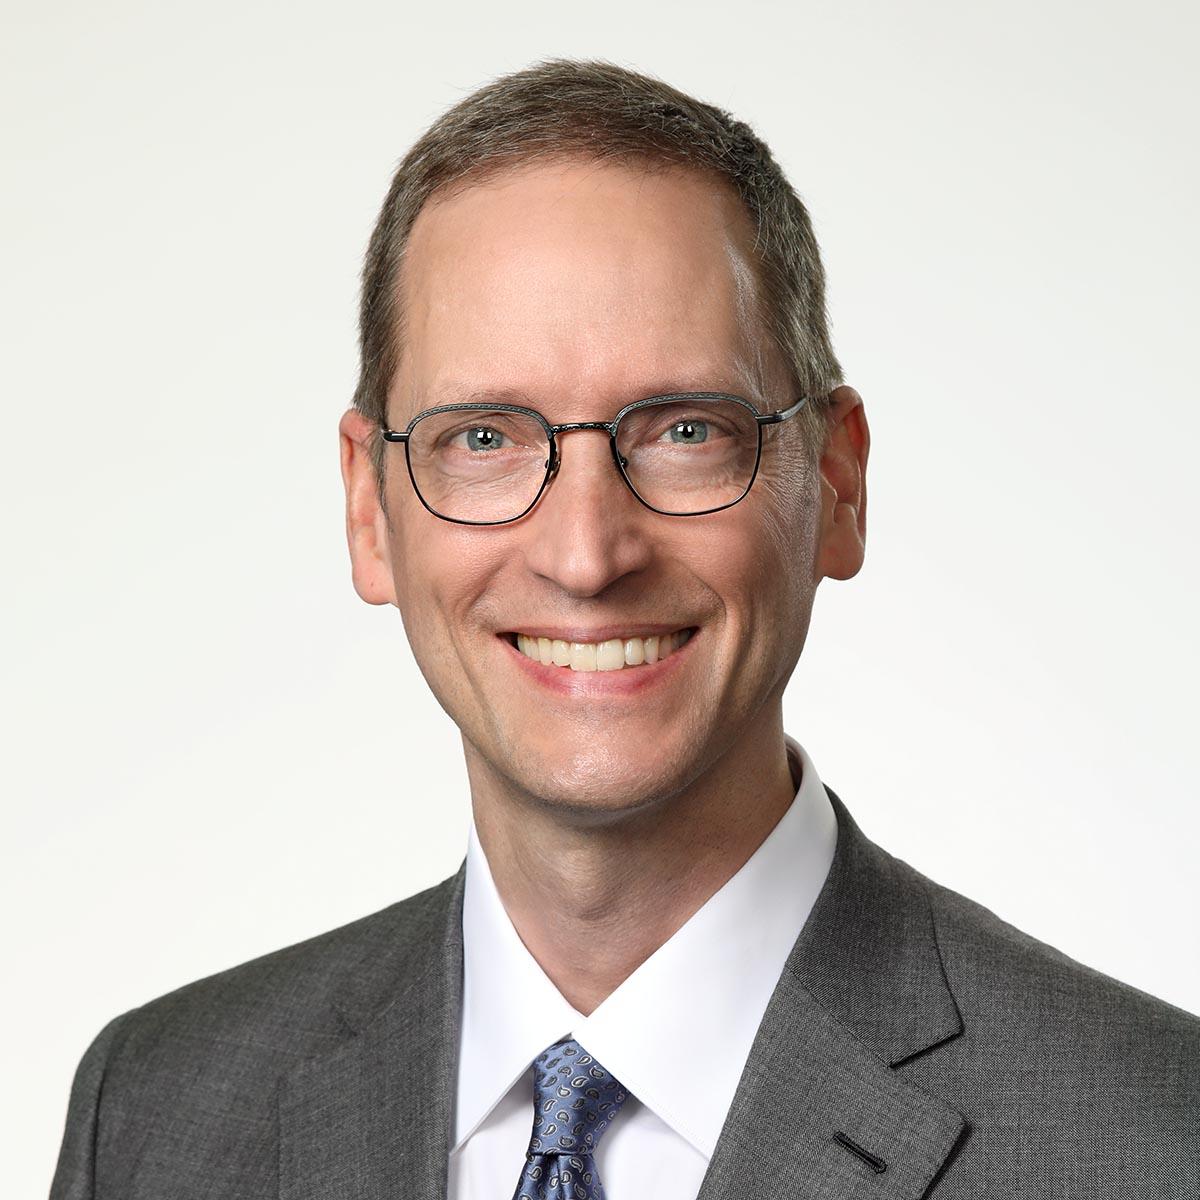 male executive business portrait